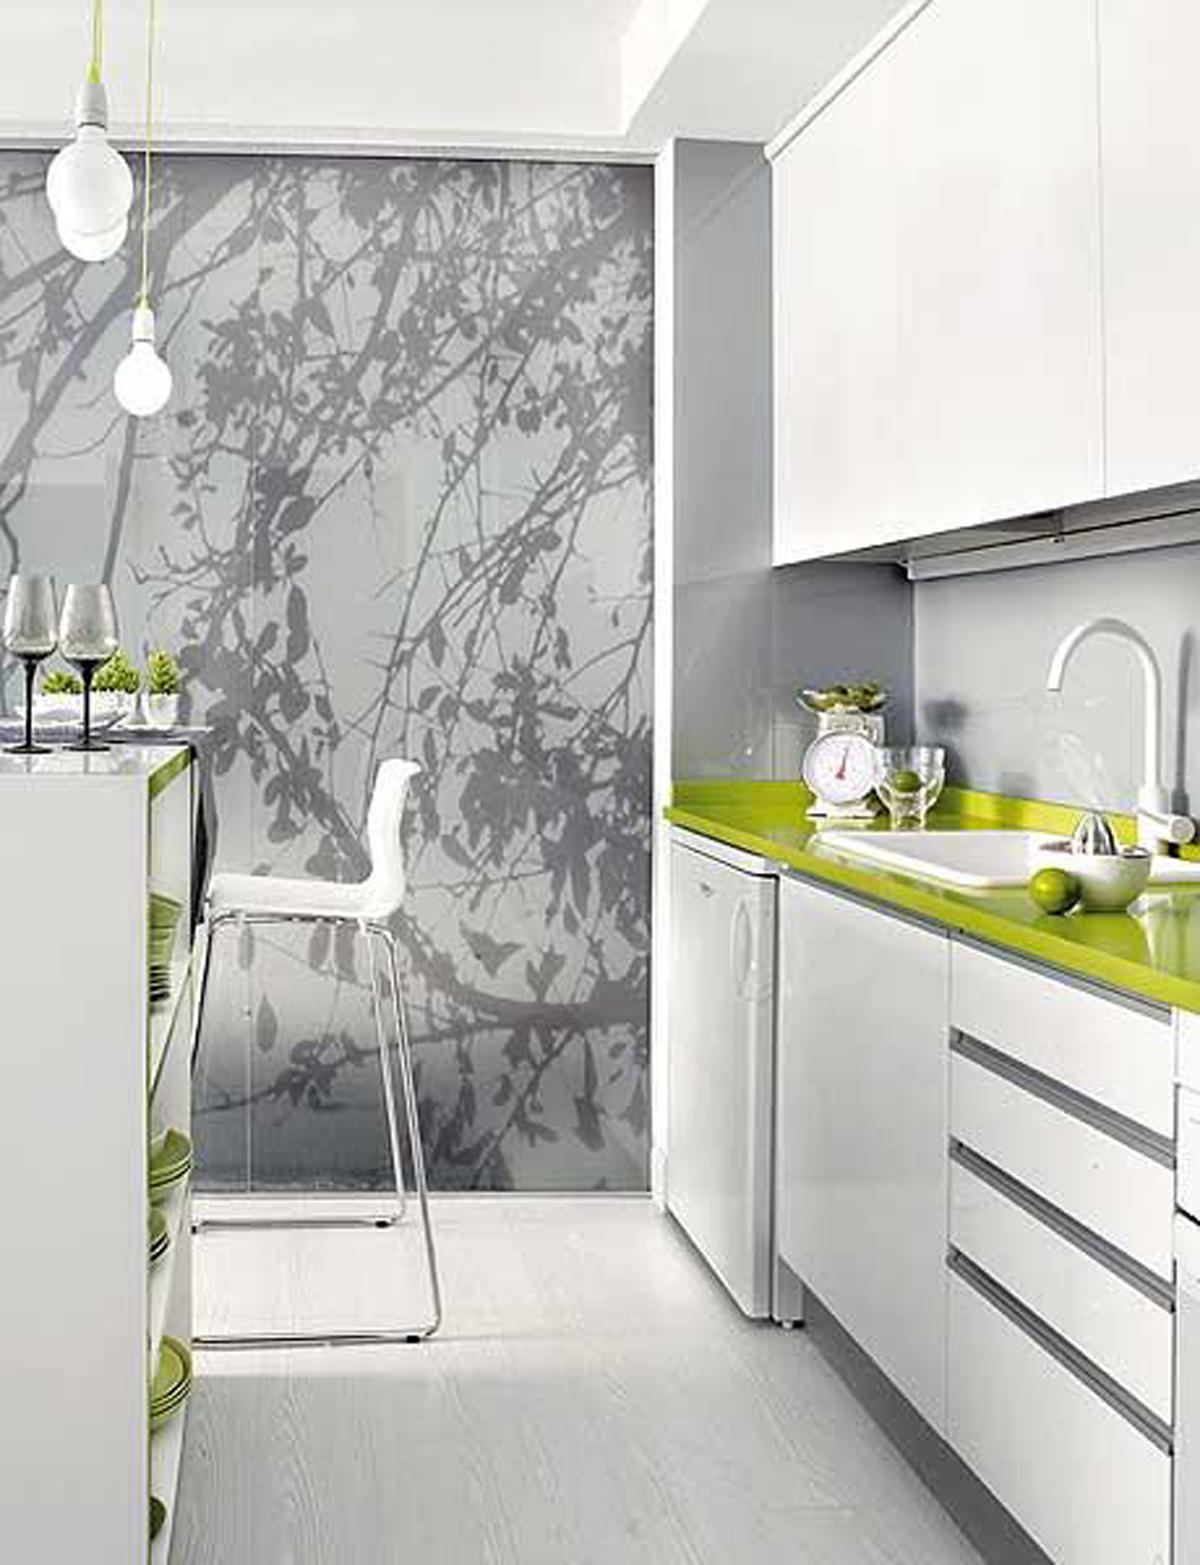 brand-of-interiør-design-ideer-til-lejlighed-køkken-on-lejlighed-design-DIY-med-interiør-design-ideer-til-lejlighed-køkken-lejlighed-design-let